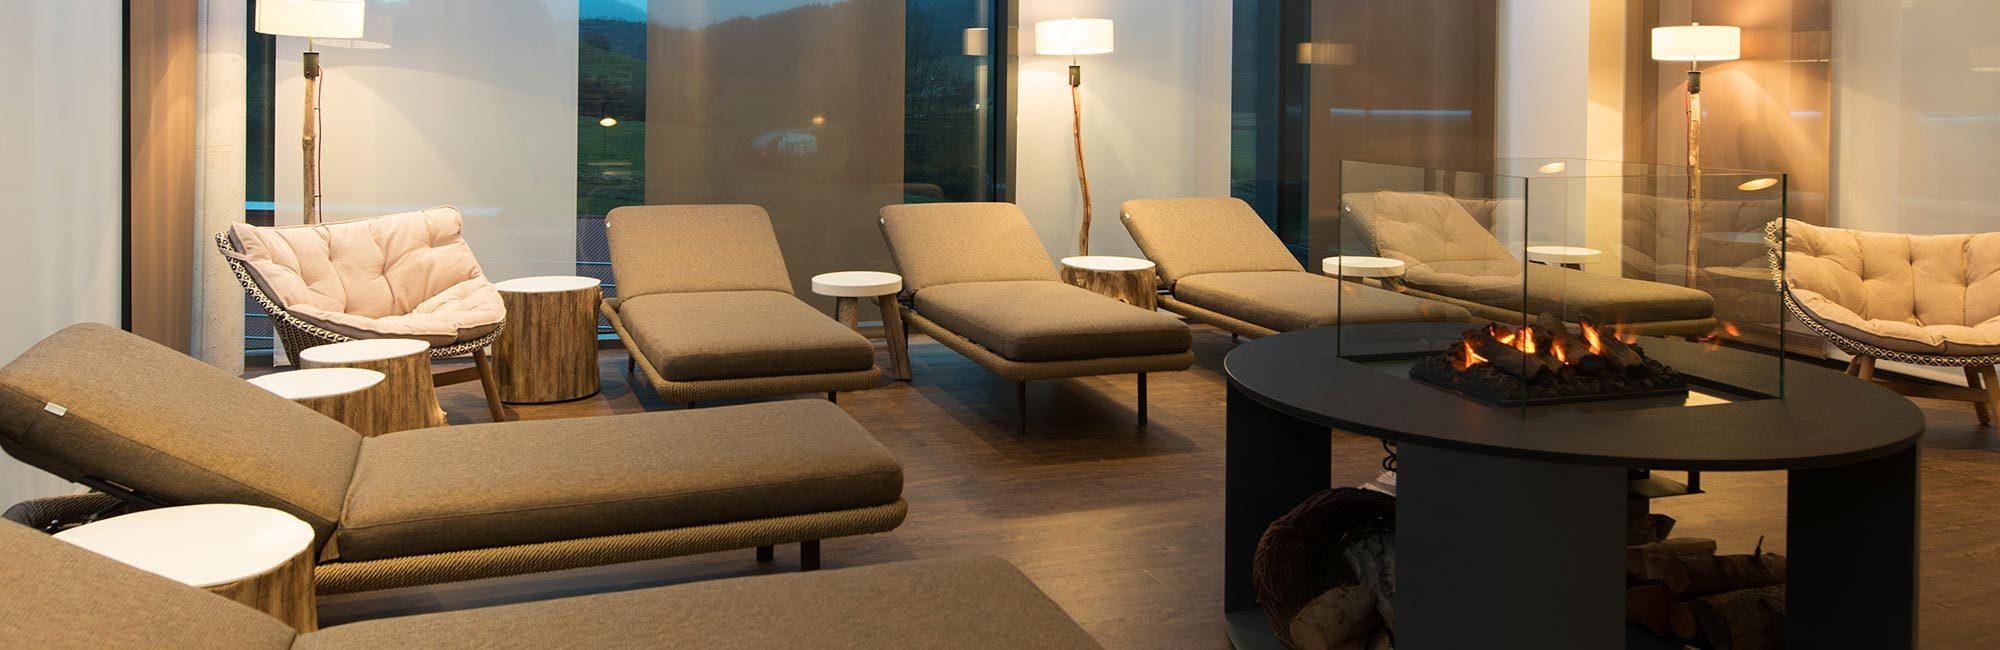 Waldbauer Hoteleinrichtungen - Schreinerhof Wasserwelten